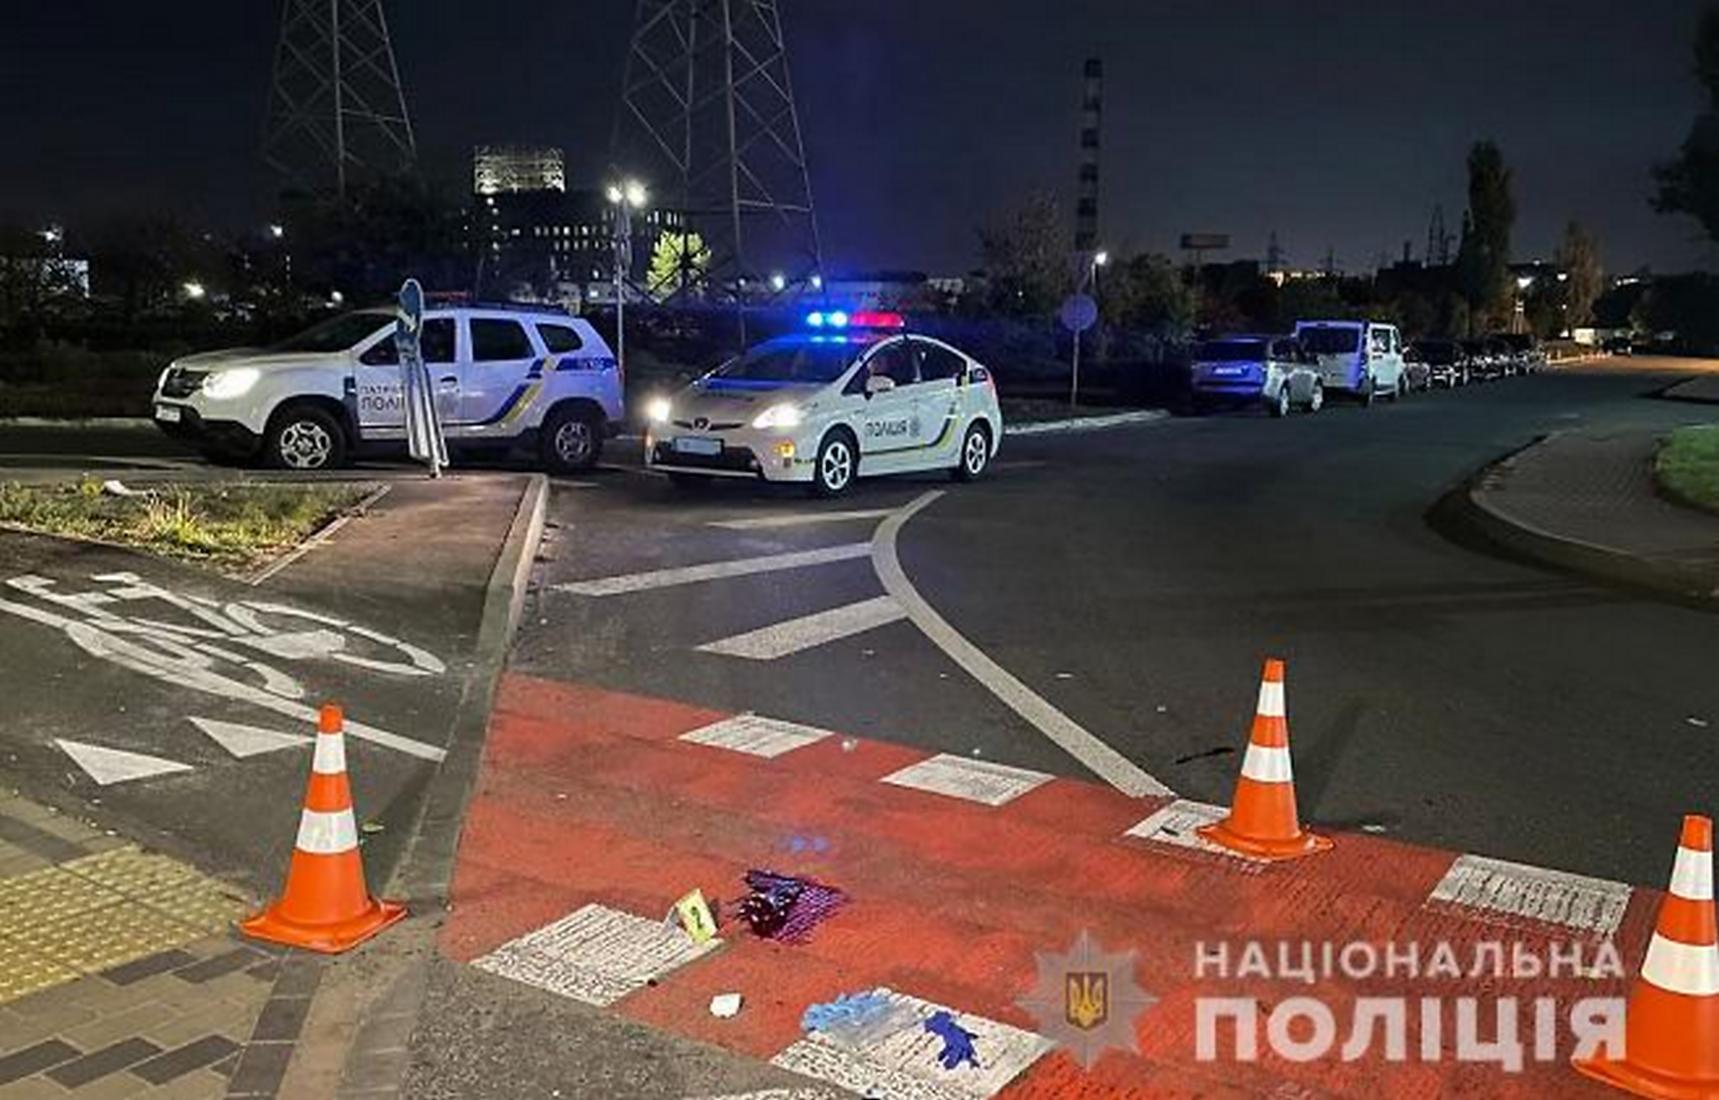 В Киеве пьяный водитель грузовика сбил на переходе двух пешеходов